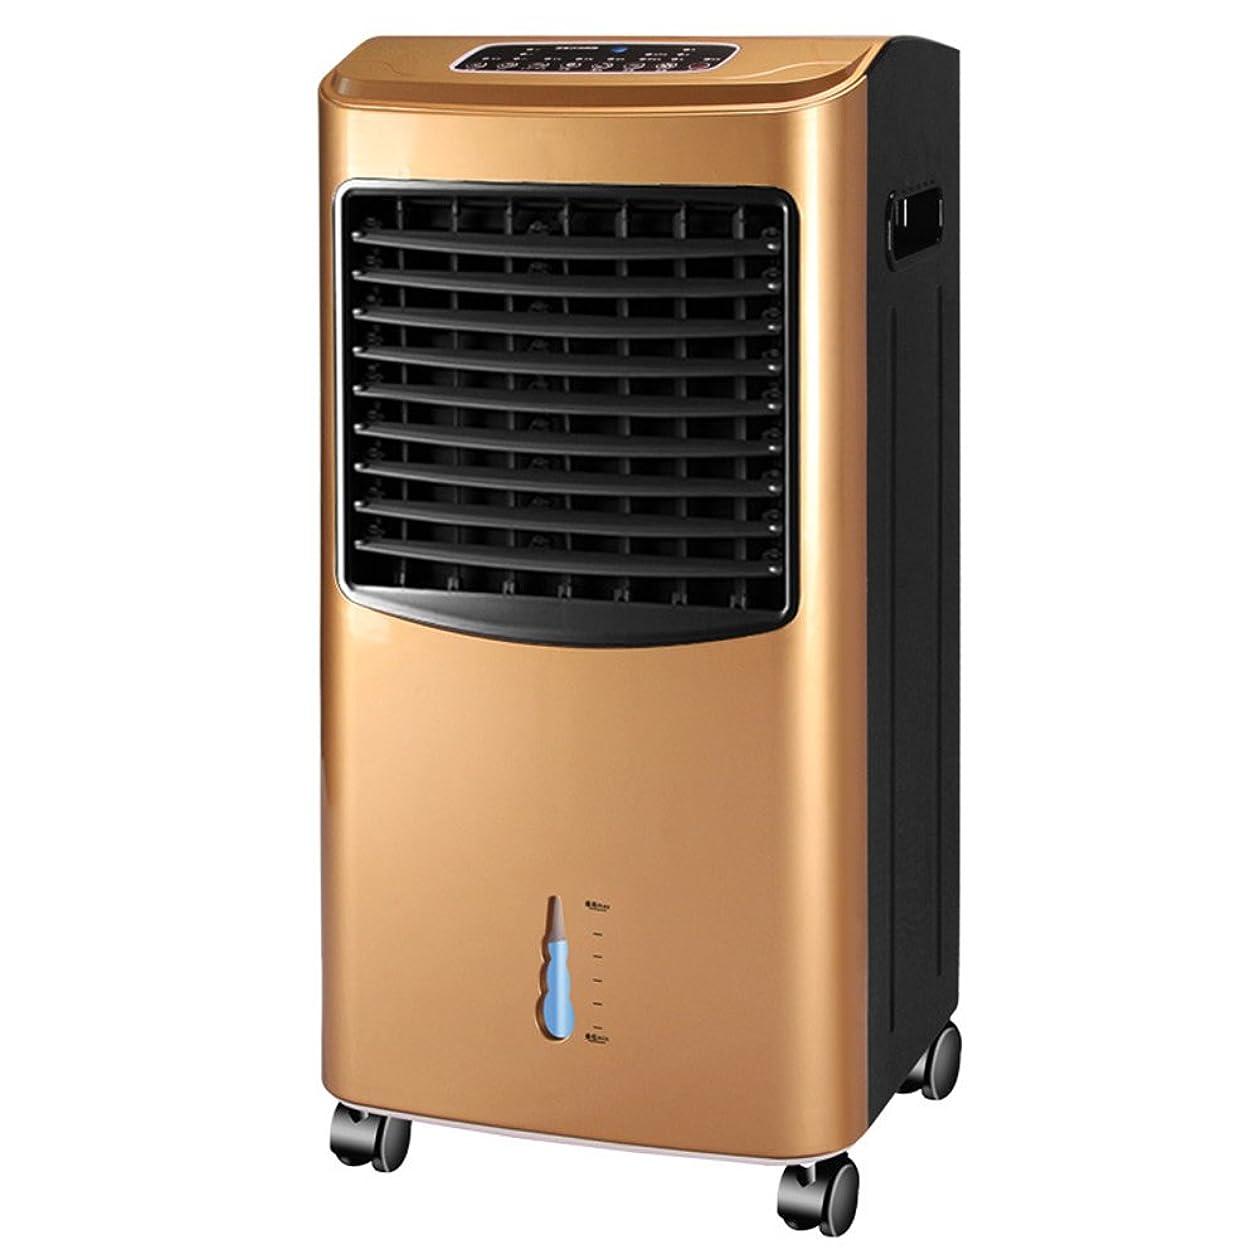 ピューハイブリッド生理小型ポータブルエアコンファン、モバイルエアコンファン、水冷エアコン、蒸発空気クーラー、家族寮